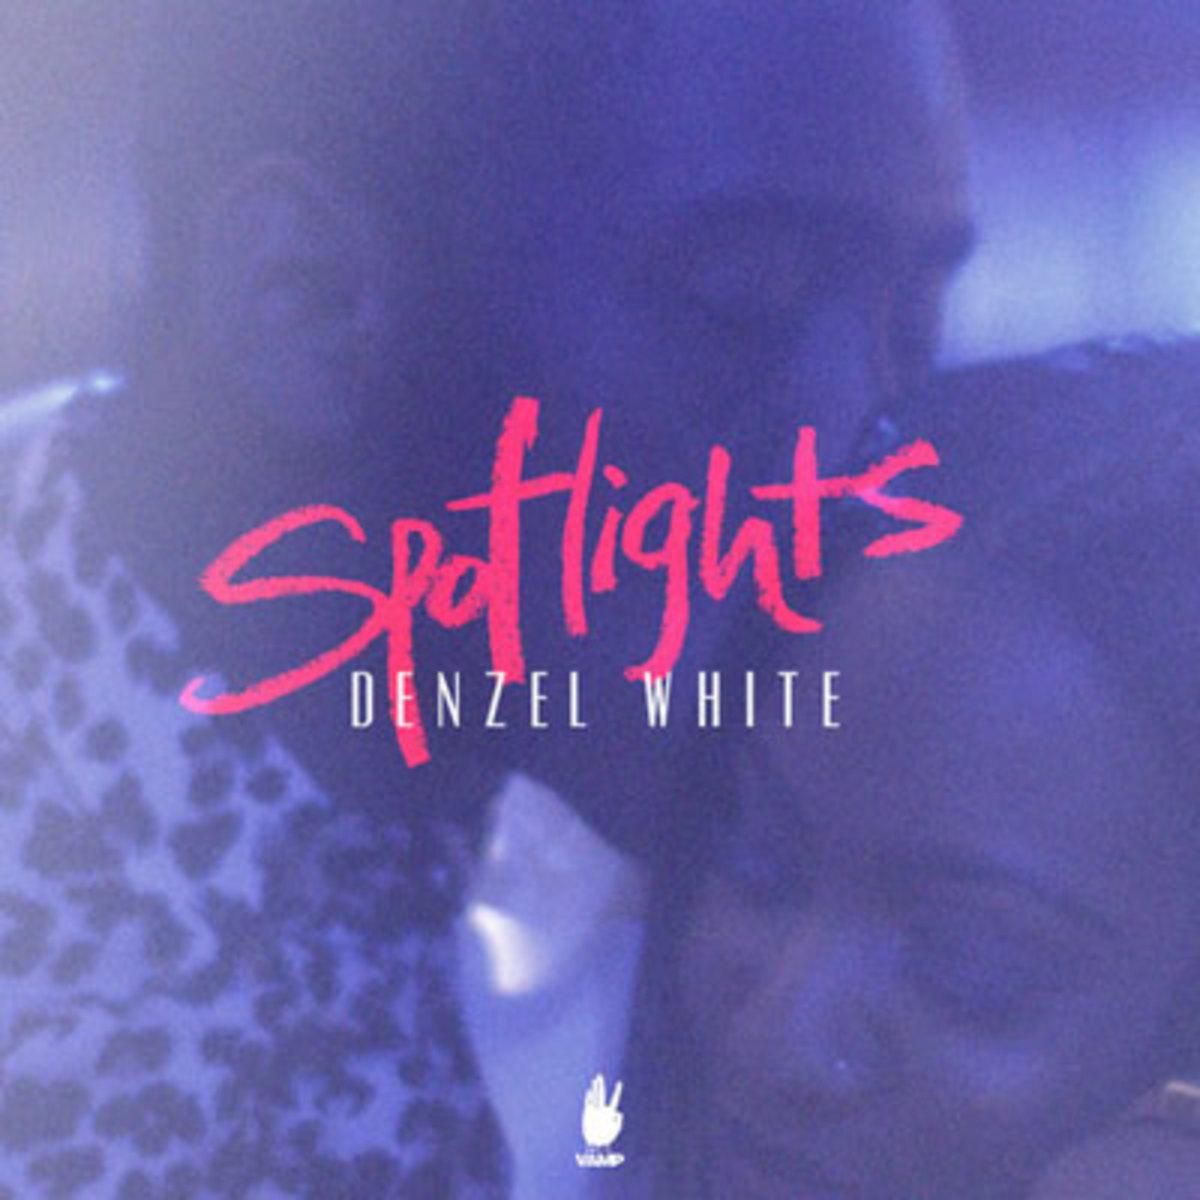 denzelwhite-spotlights.jpg